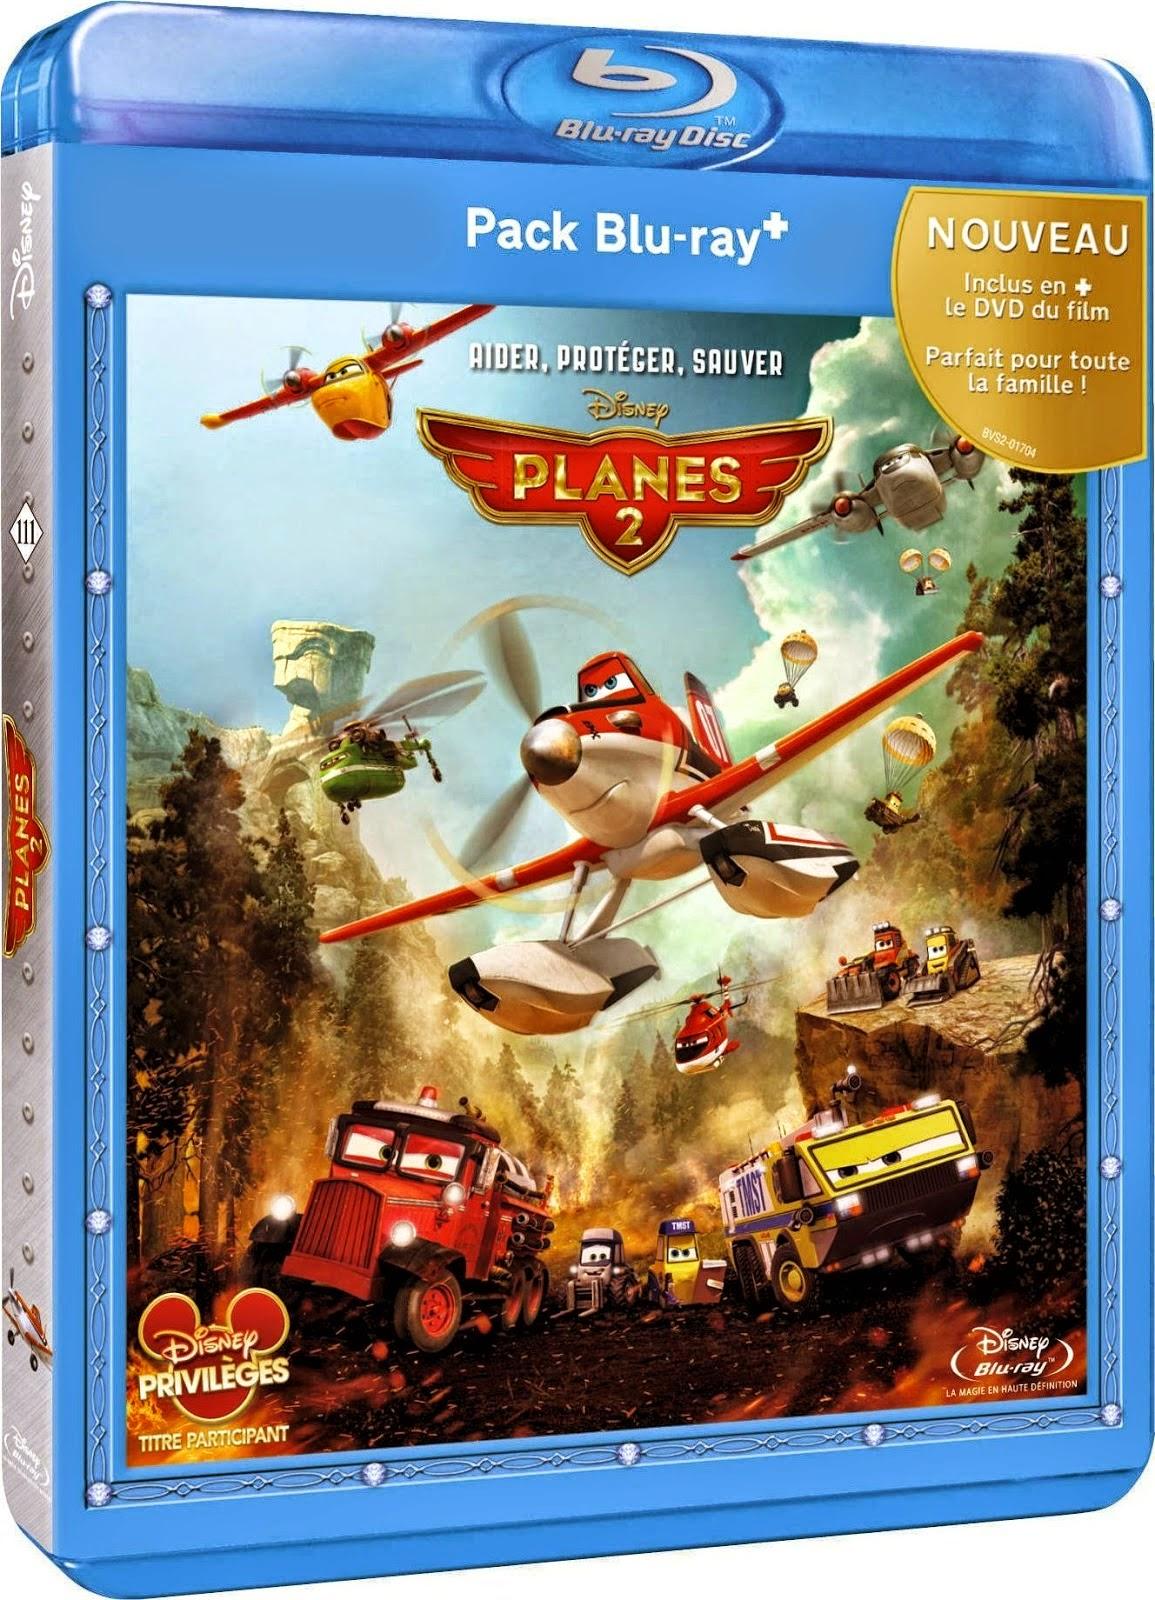 Aviones 2 Equipo De Rescate (2014) 1080p BD25